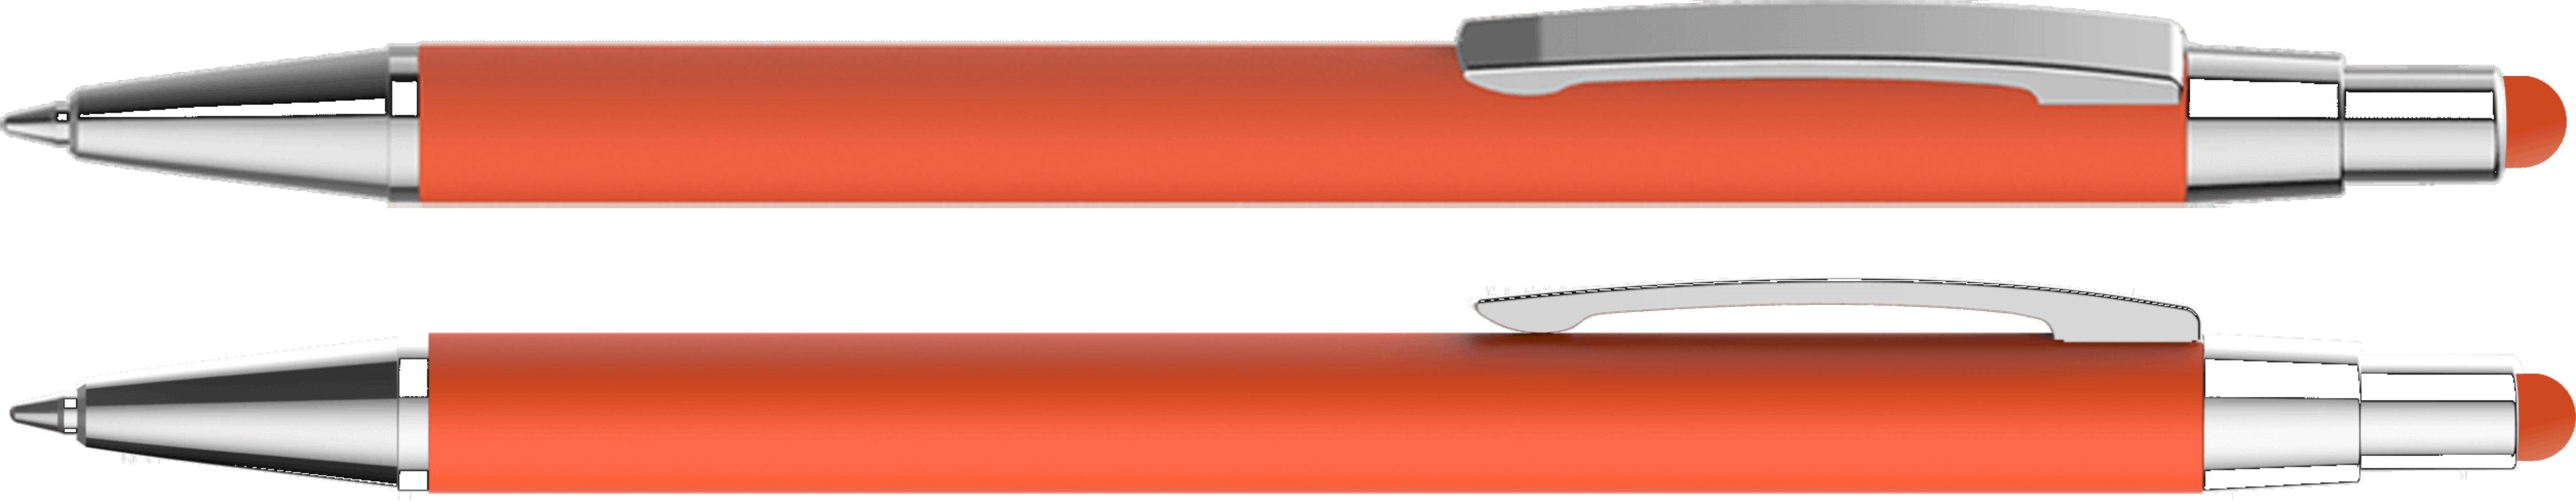 ручки с soft touch покрытием со стилусом